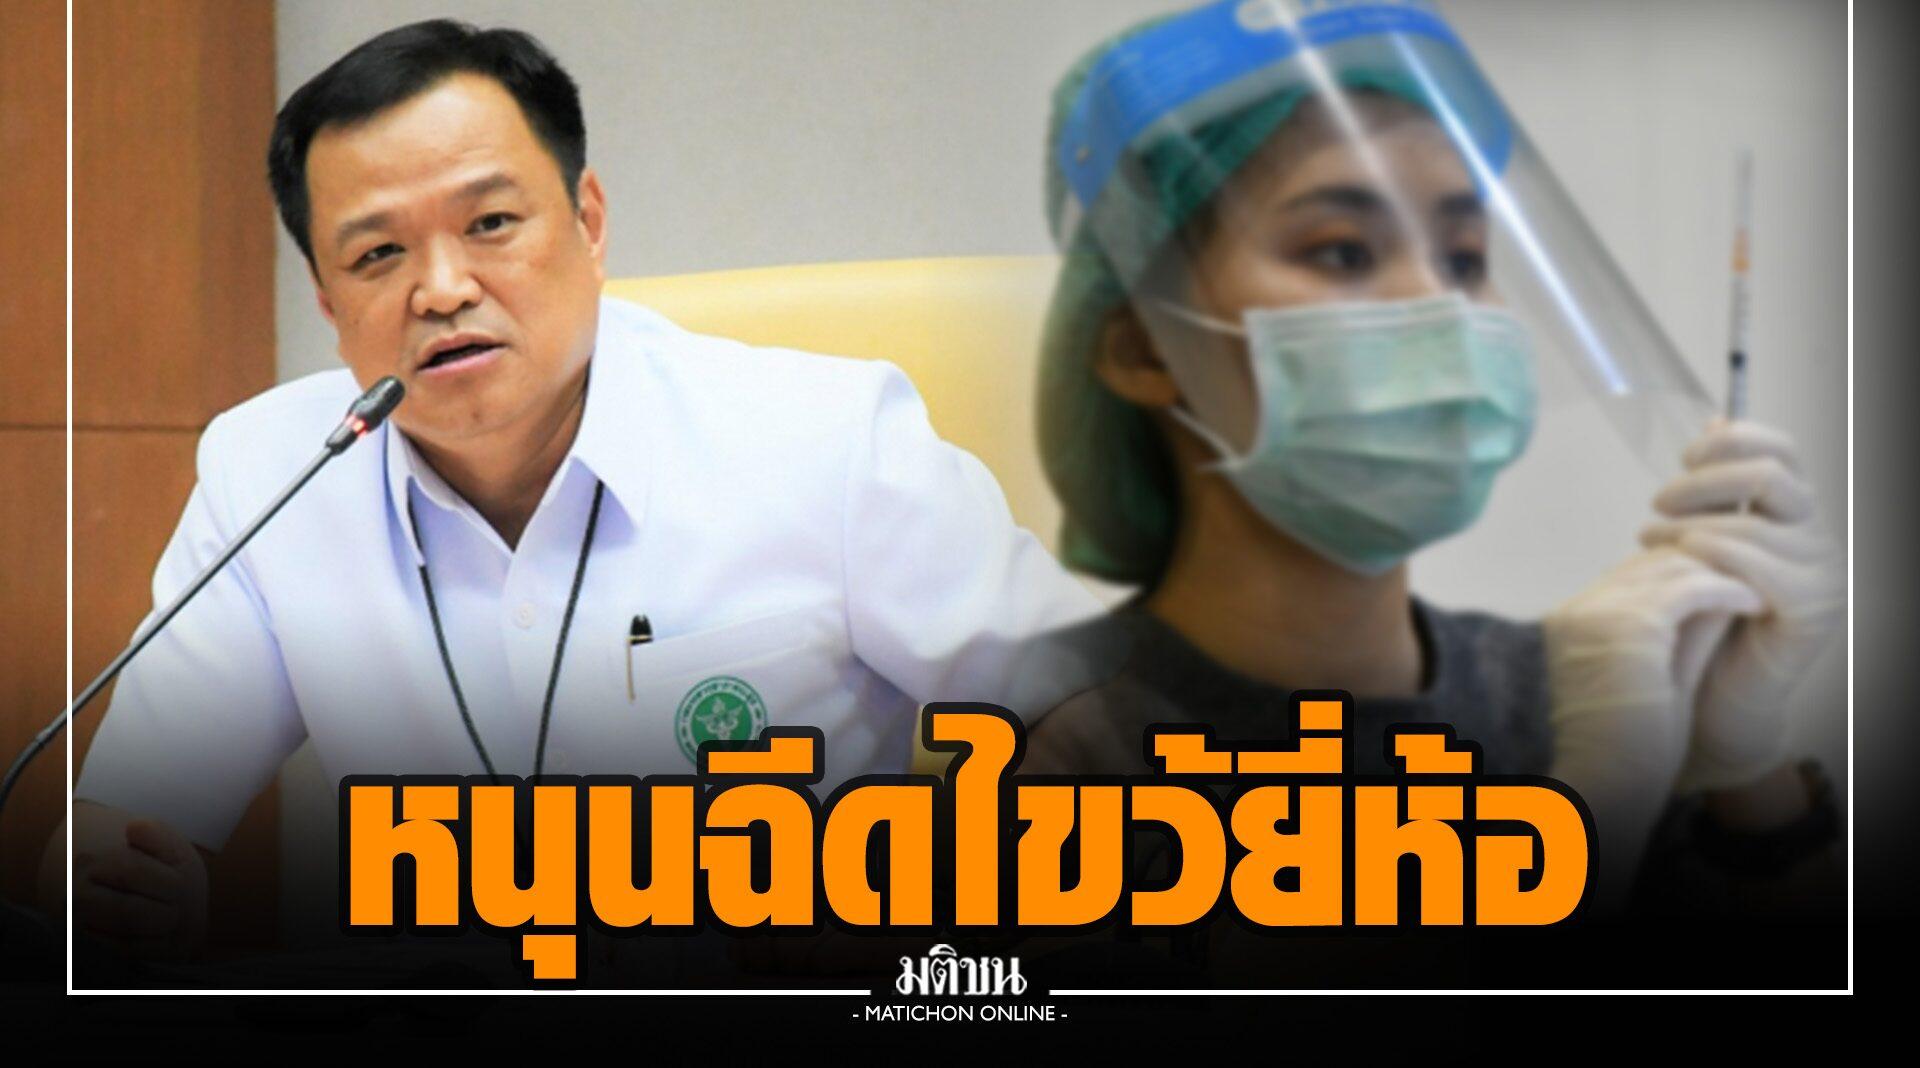 อนุทิน หนุนกก.วัคซีนฉีดไขว้ยี่ห้อ-เข็ม3 ยันไฟเซอร์ส่งให้ไทยก่อนสิ้นปี 20 ล้านโดส